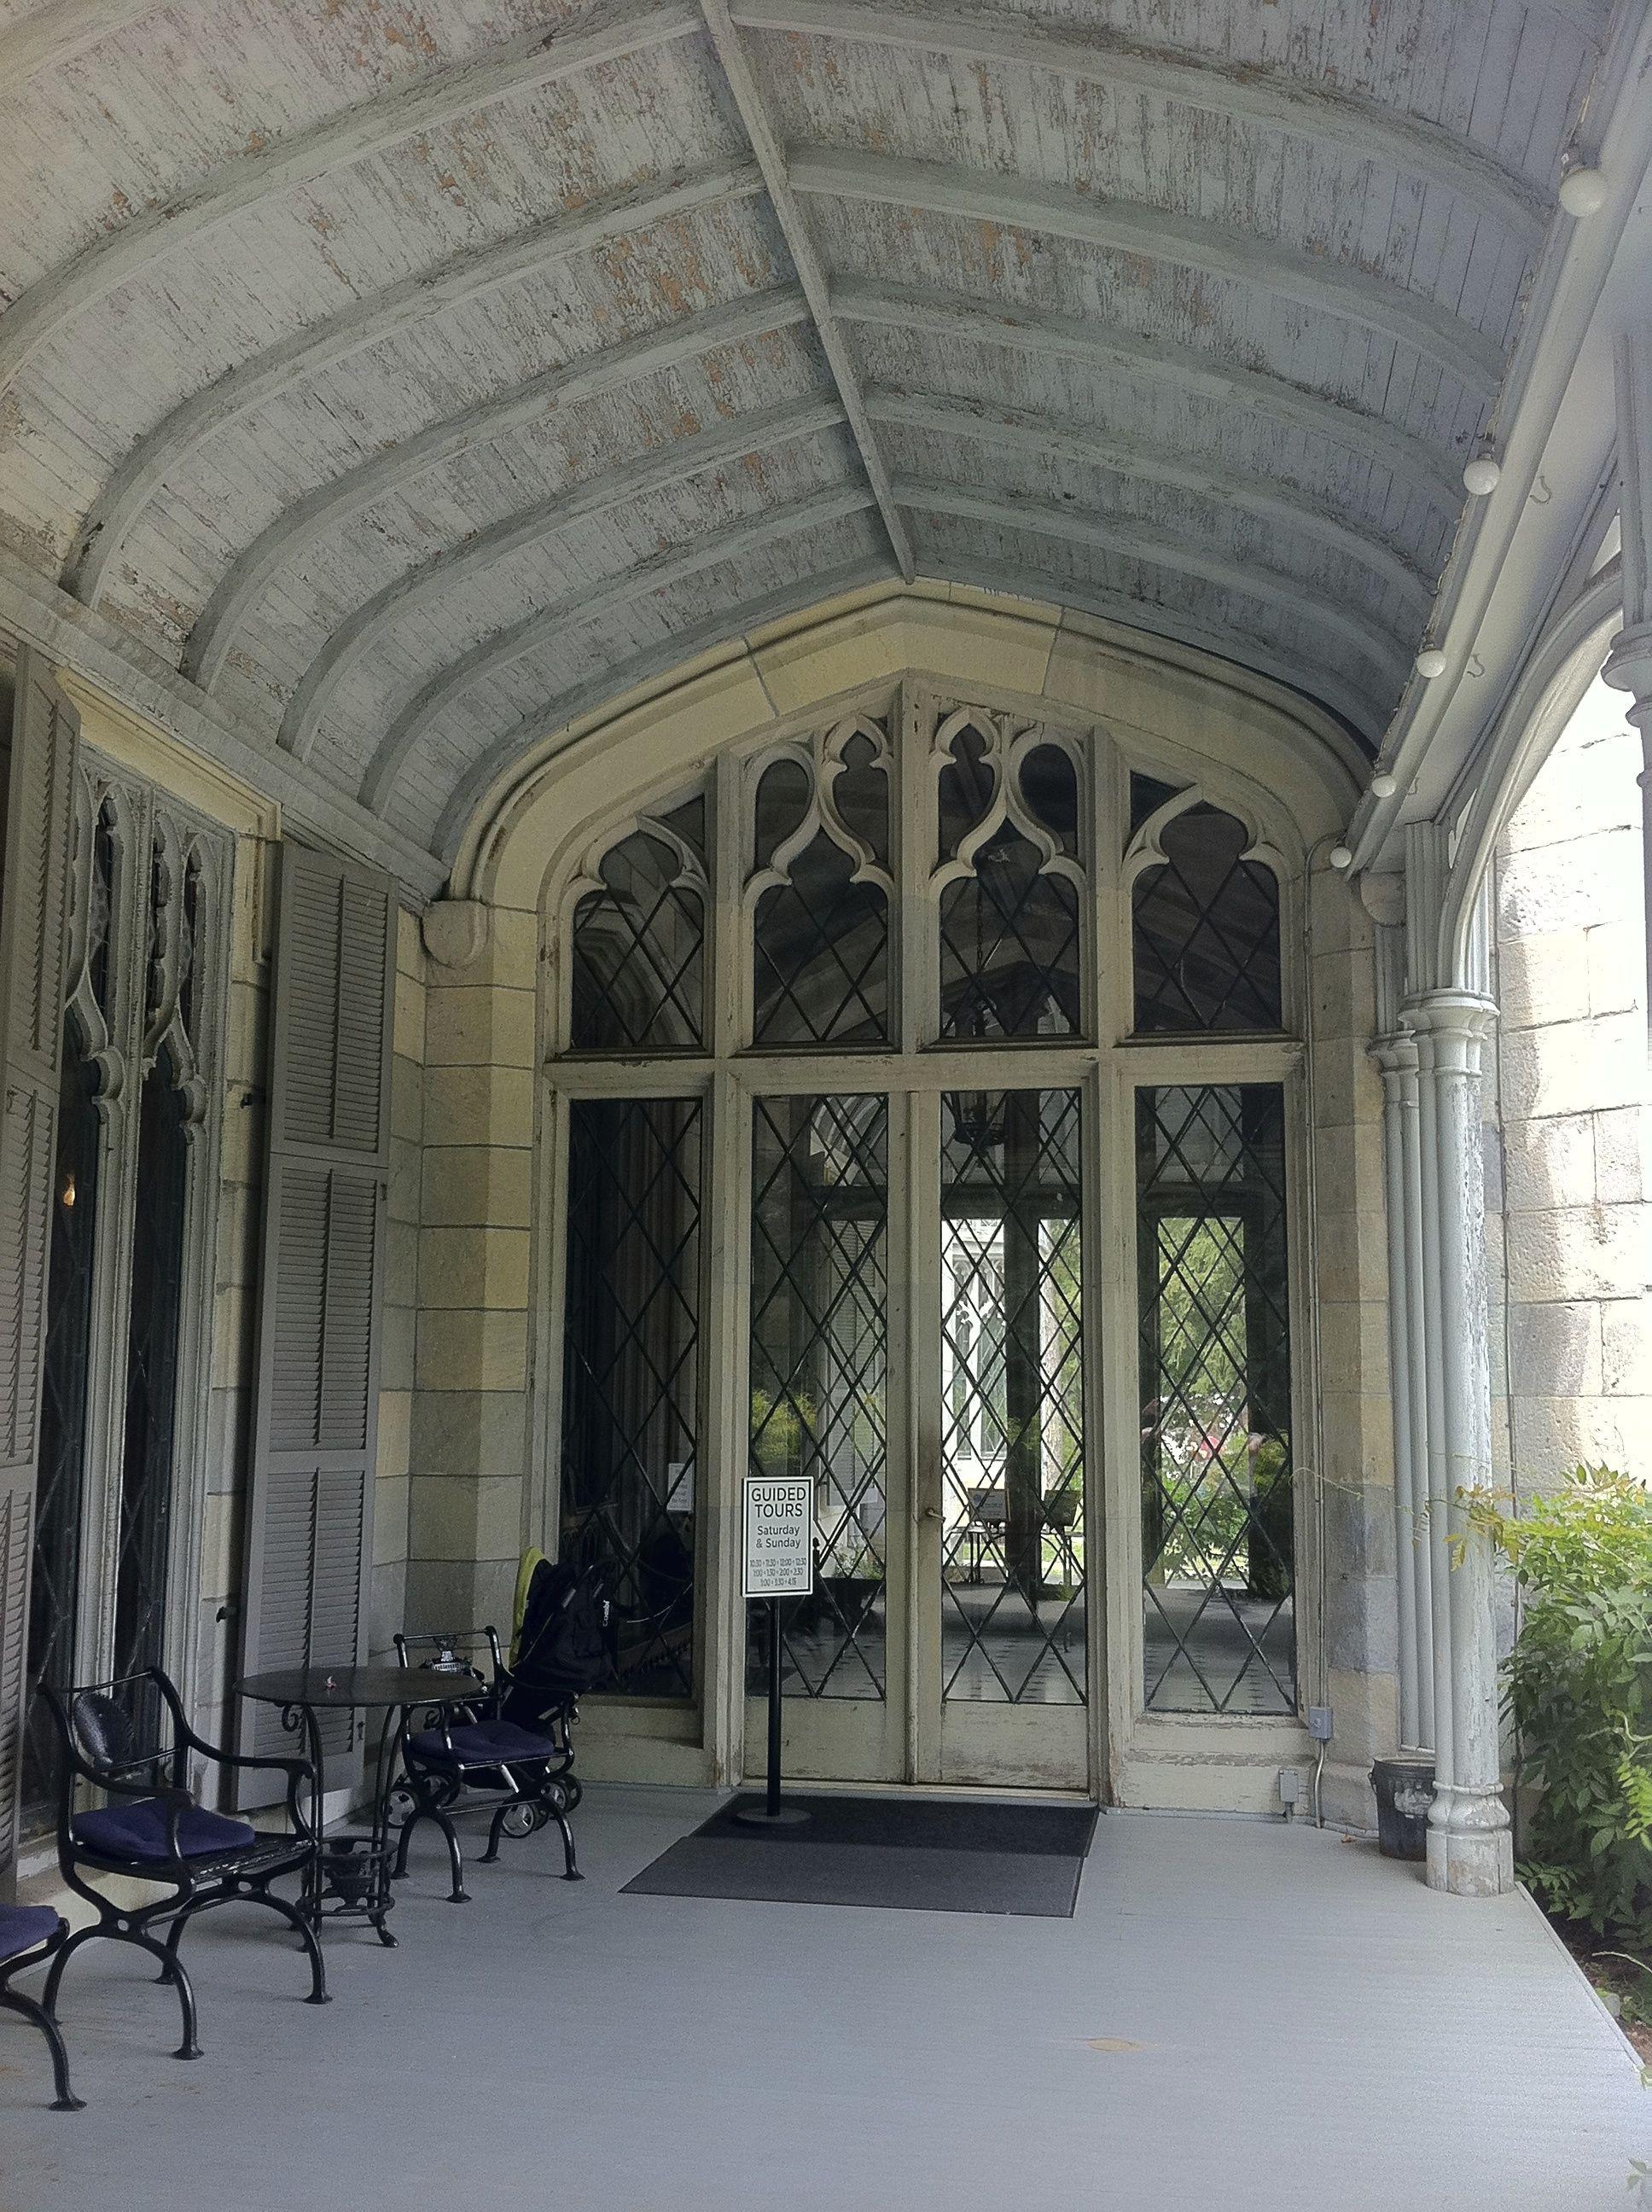 Outside the vestibule, on the veranda. Linhaven (Lyndhurst